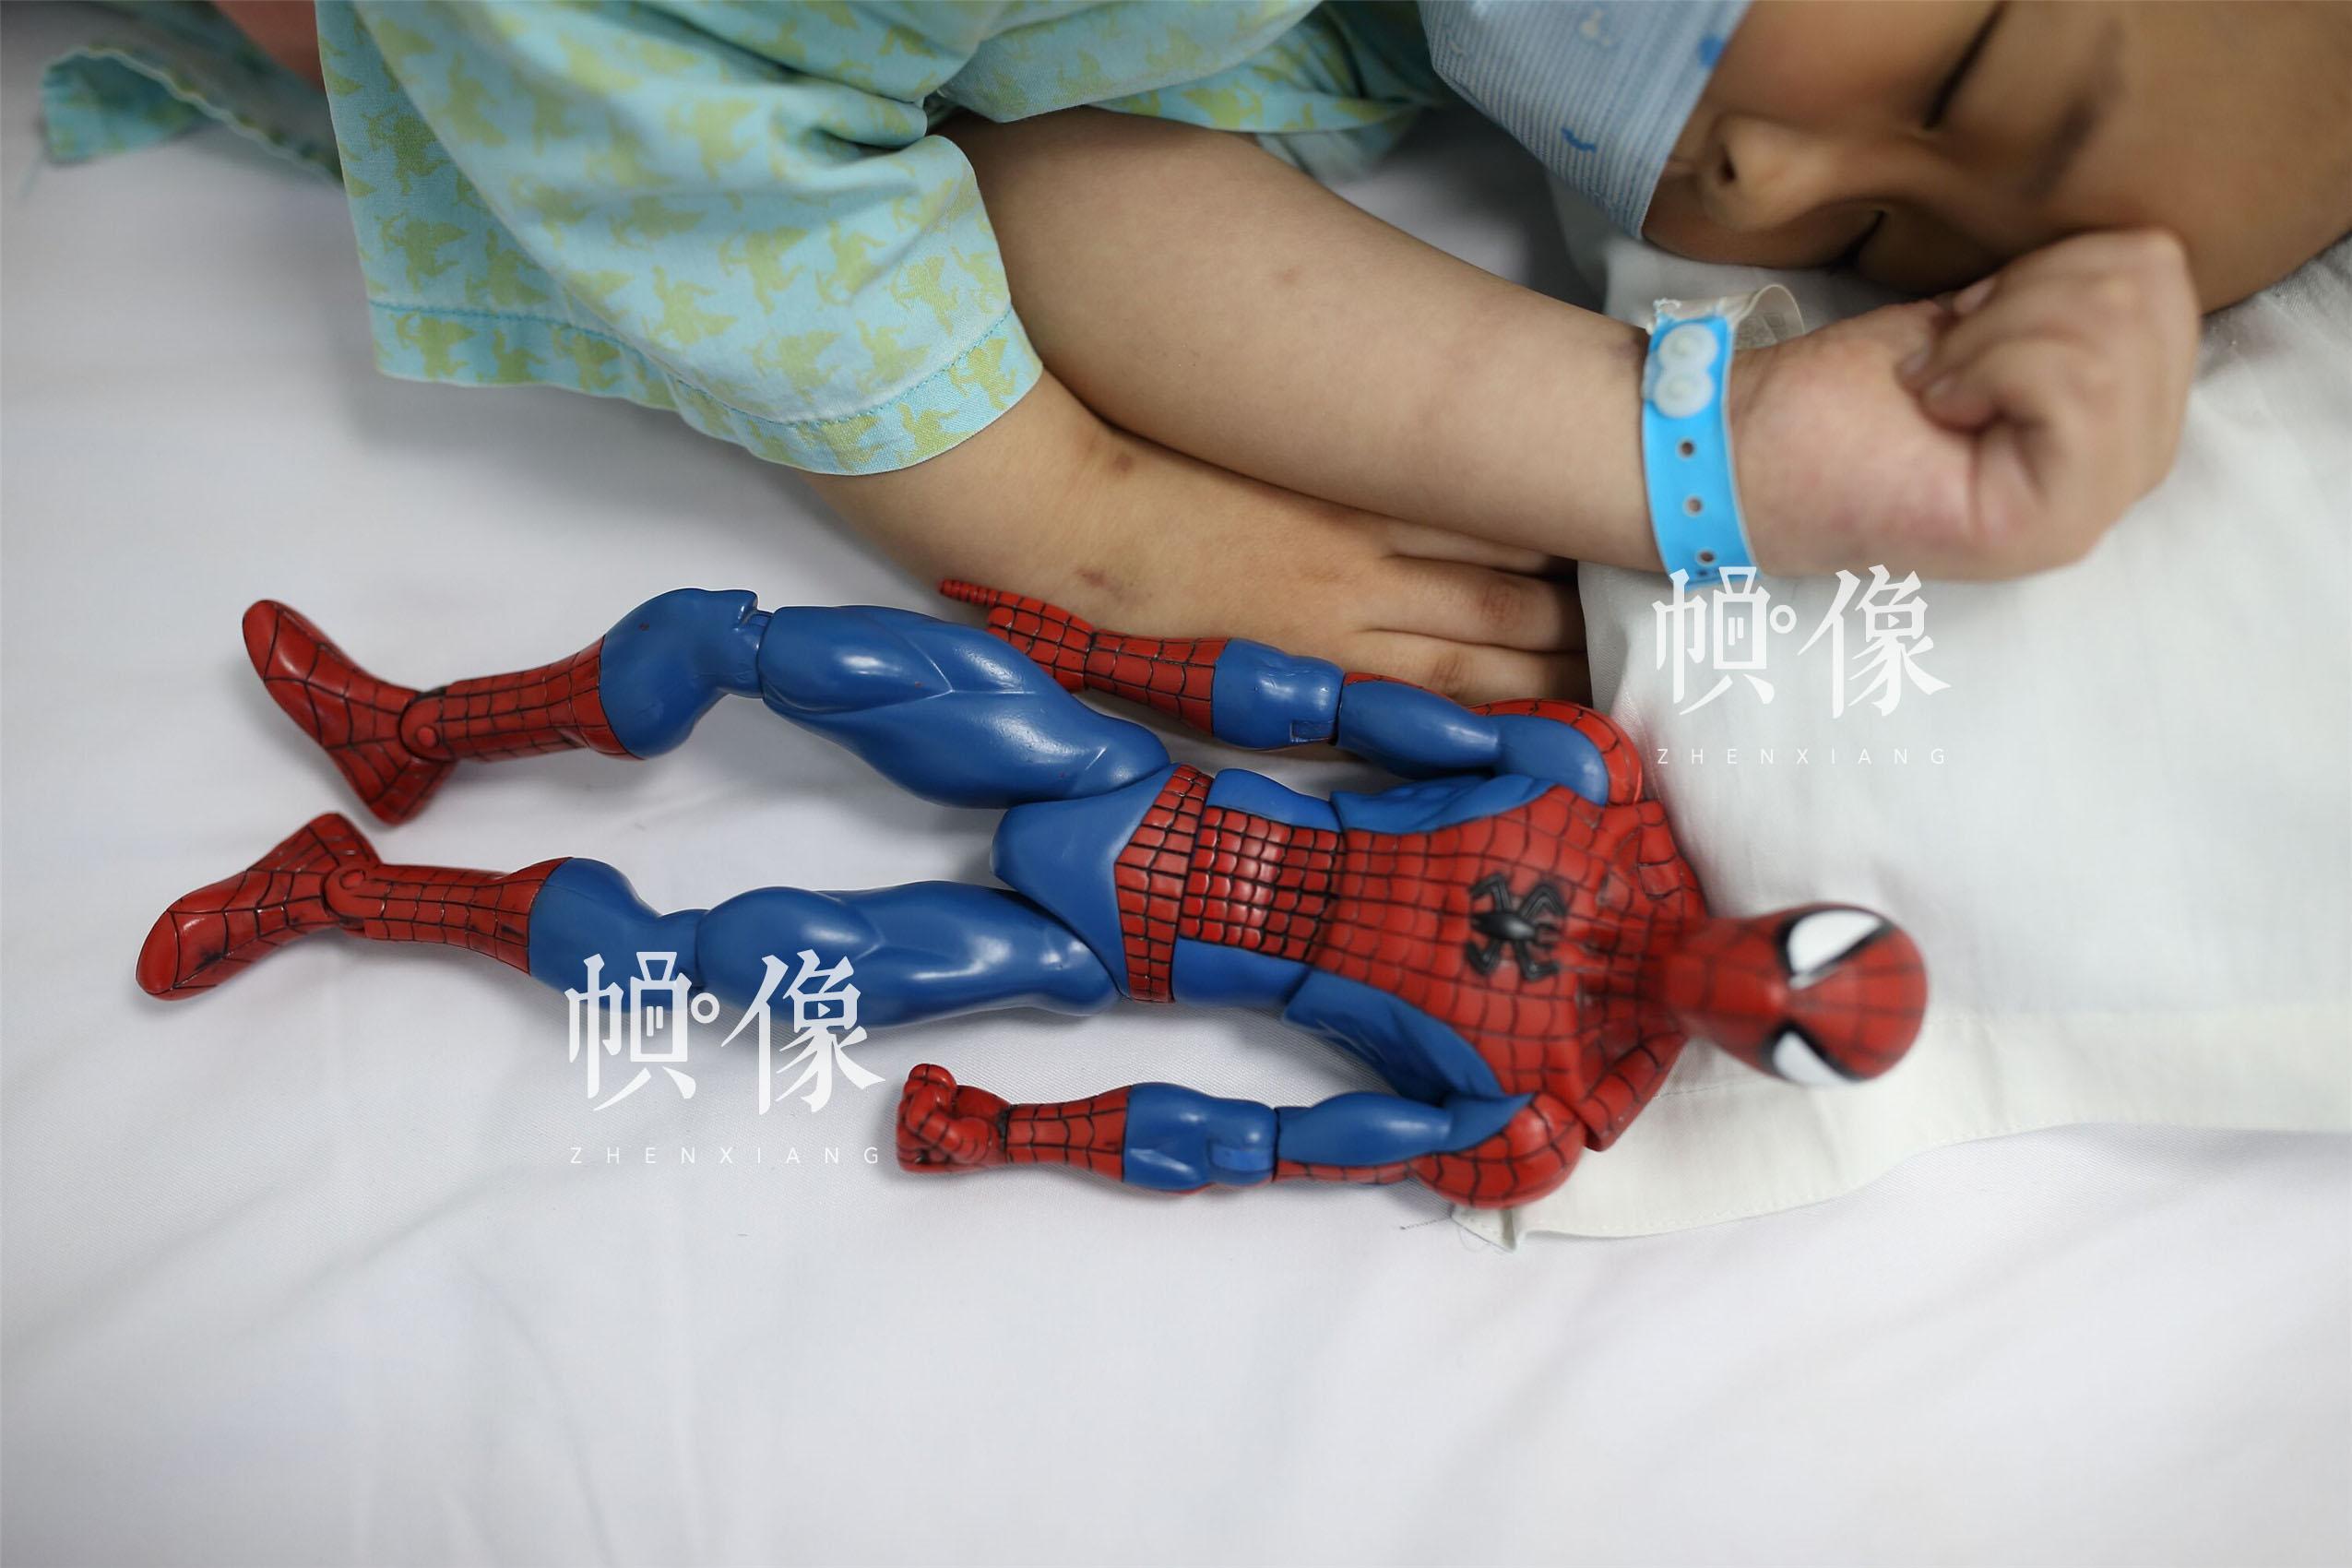 """2017年5月24日,北京首都儿科研究所,天佑把""""蜘蛛侠""""玩具放在身边,躺着睡觉。天佑得的是急性淋巴细胞白血病B型,这种类型的白血病治愈率很高的,有六七成把握。随着医学发展,白血病已经不是不治之症,通过化疗、造血干细胞移植等治疗措施,80%-90%的儿童白血病可以缓解,60%-70%的可以治愈。中国网记者 陈维松 摄"""